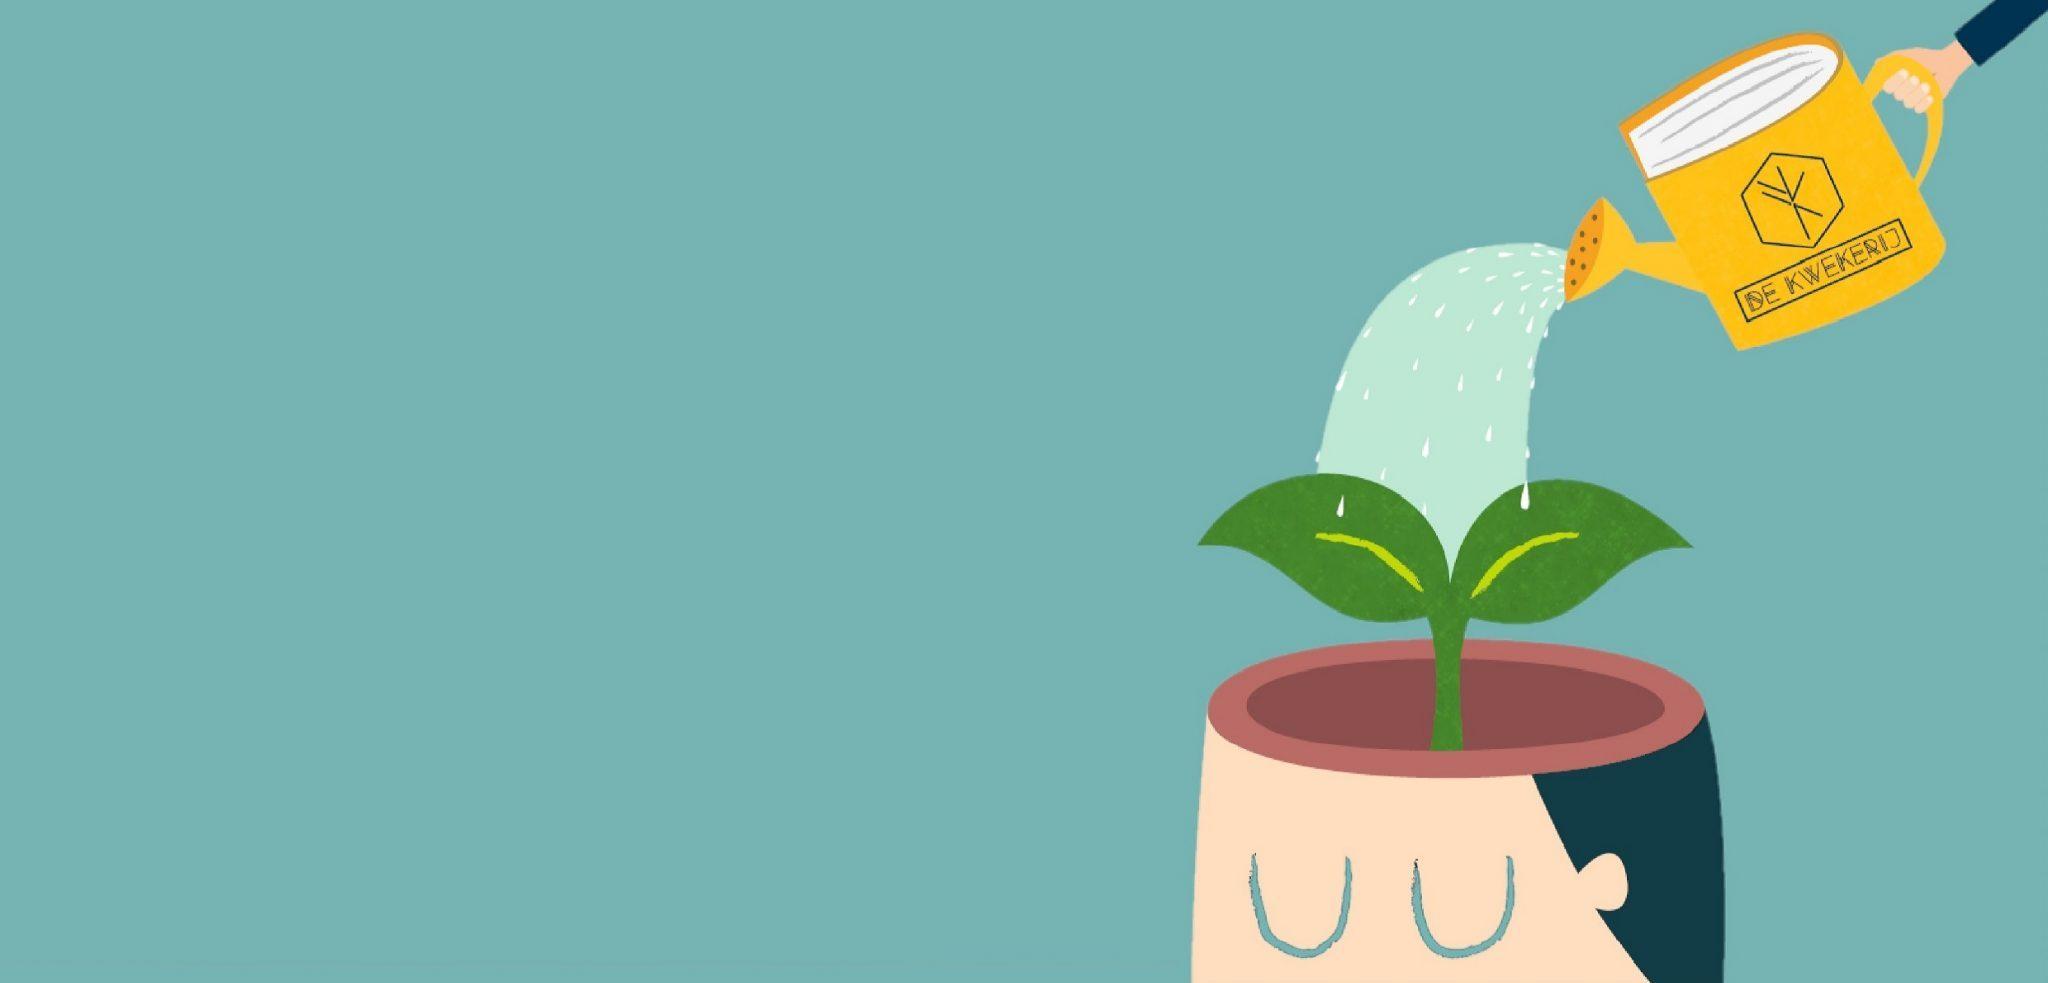 de-kwekerij-groei-mee